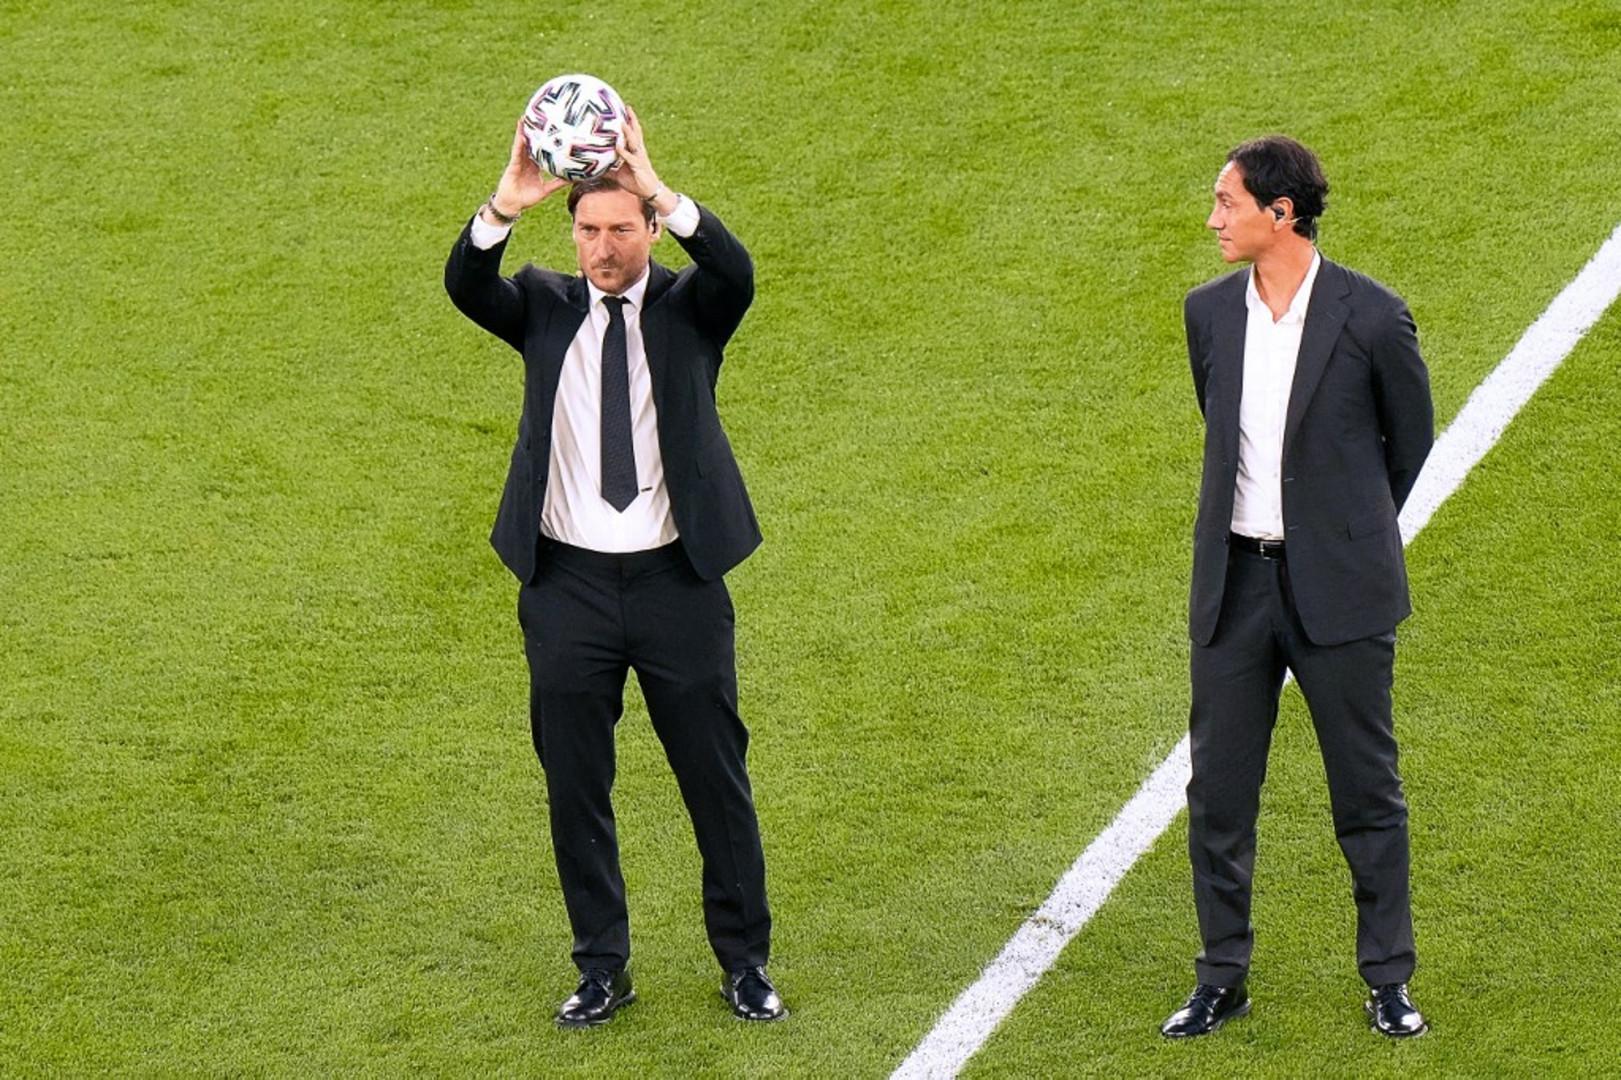 Enfin Francesco Totti et Alessandro Nesta ont lancé officiellement la compétition